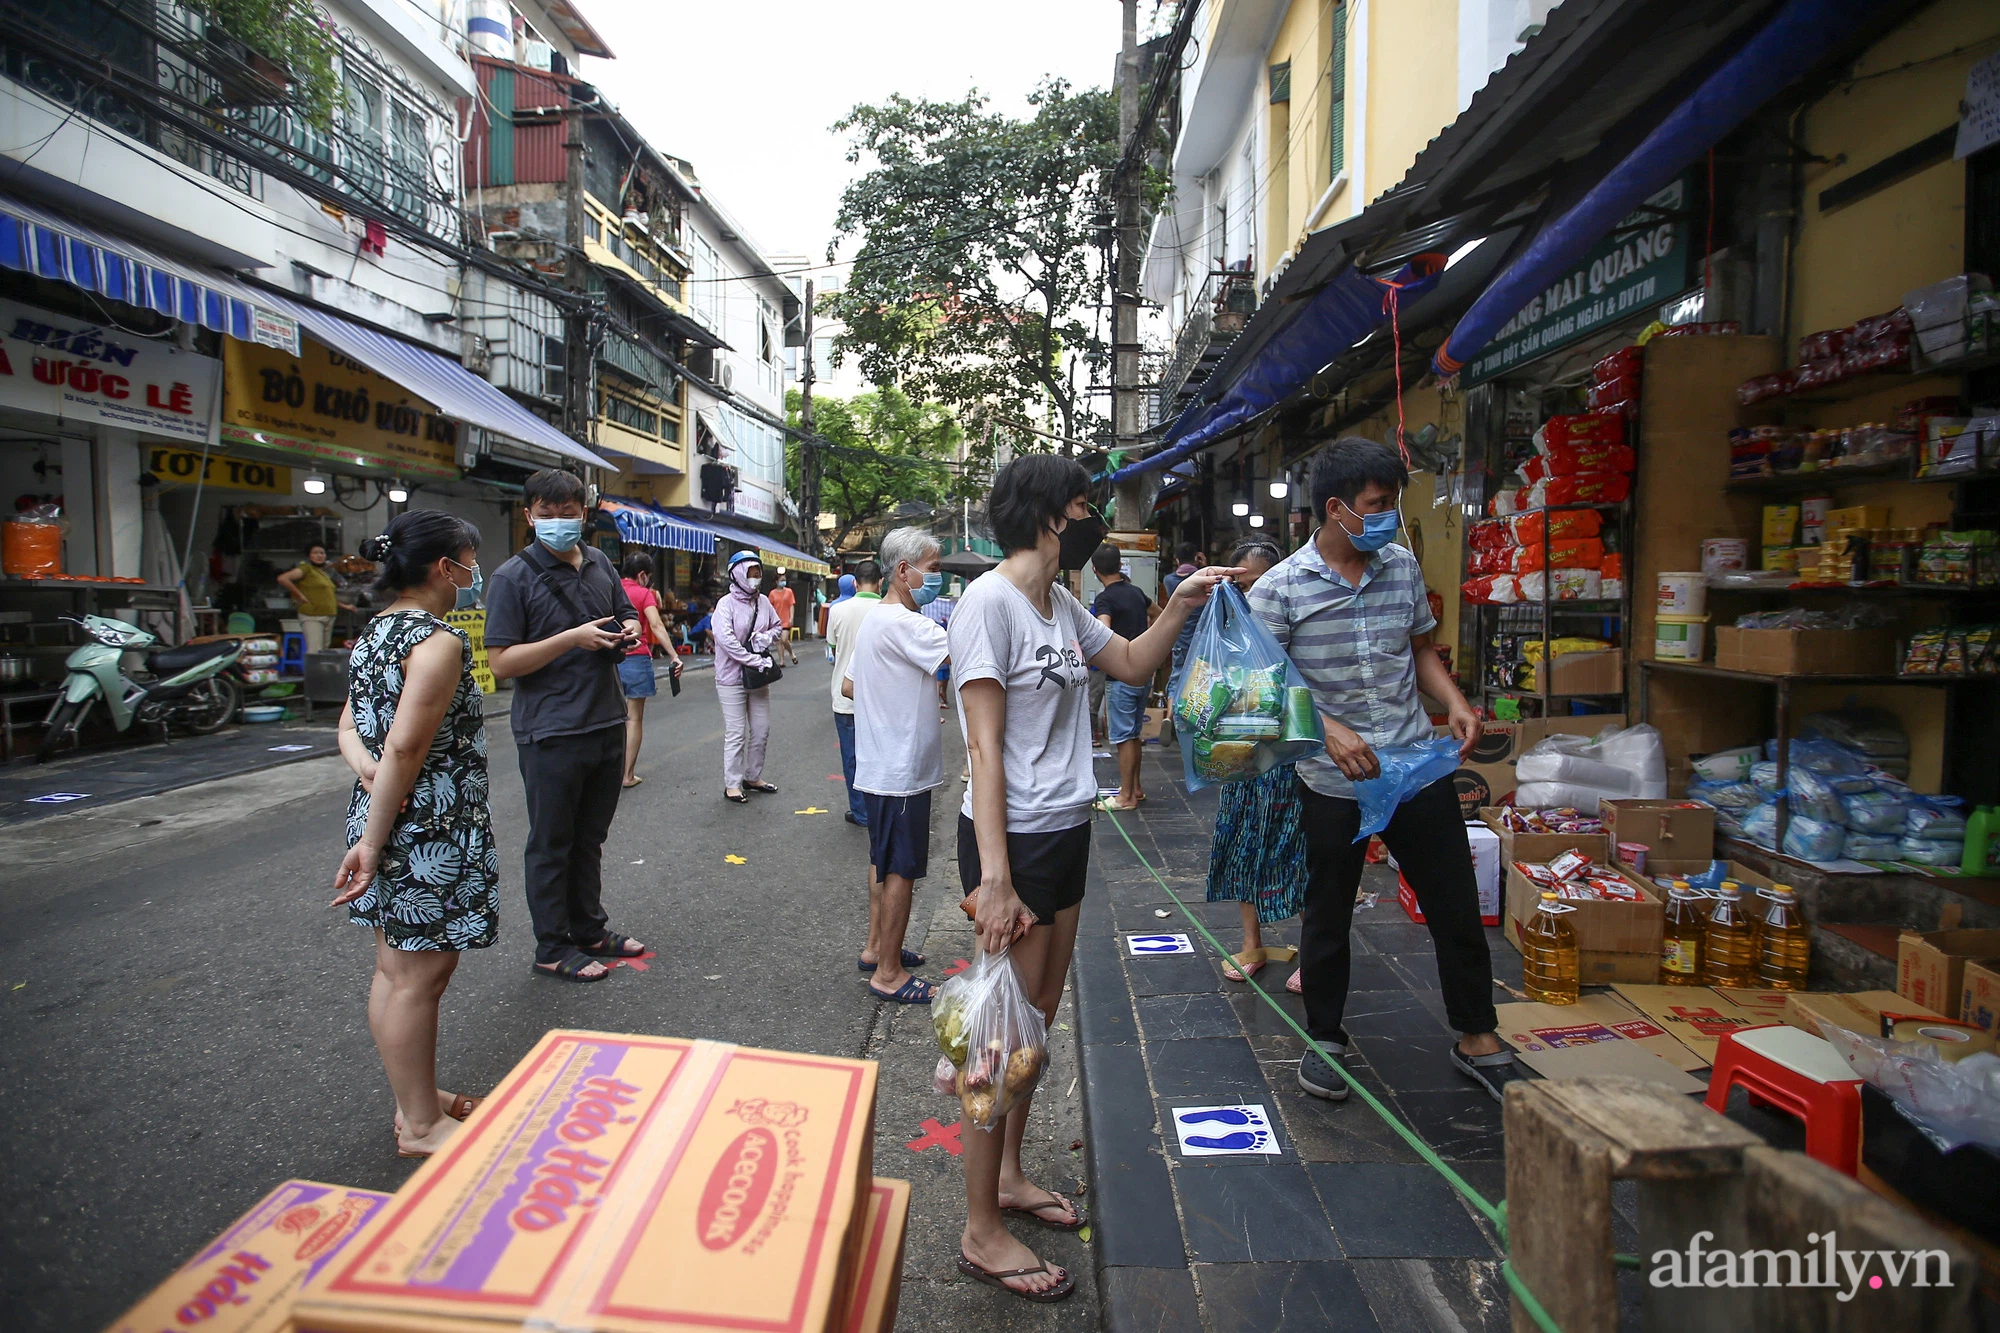 Ngày đầu giãn cách theo Chỉ thị 16, khu chợ ở Hà Nội kẻ vạch cách nhau 2 m, người mua kẻ bán tuy xa mặt nhưng không cách lòng - Ảnh 3.